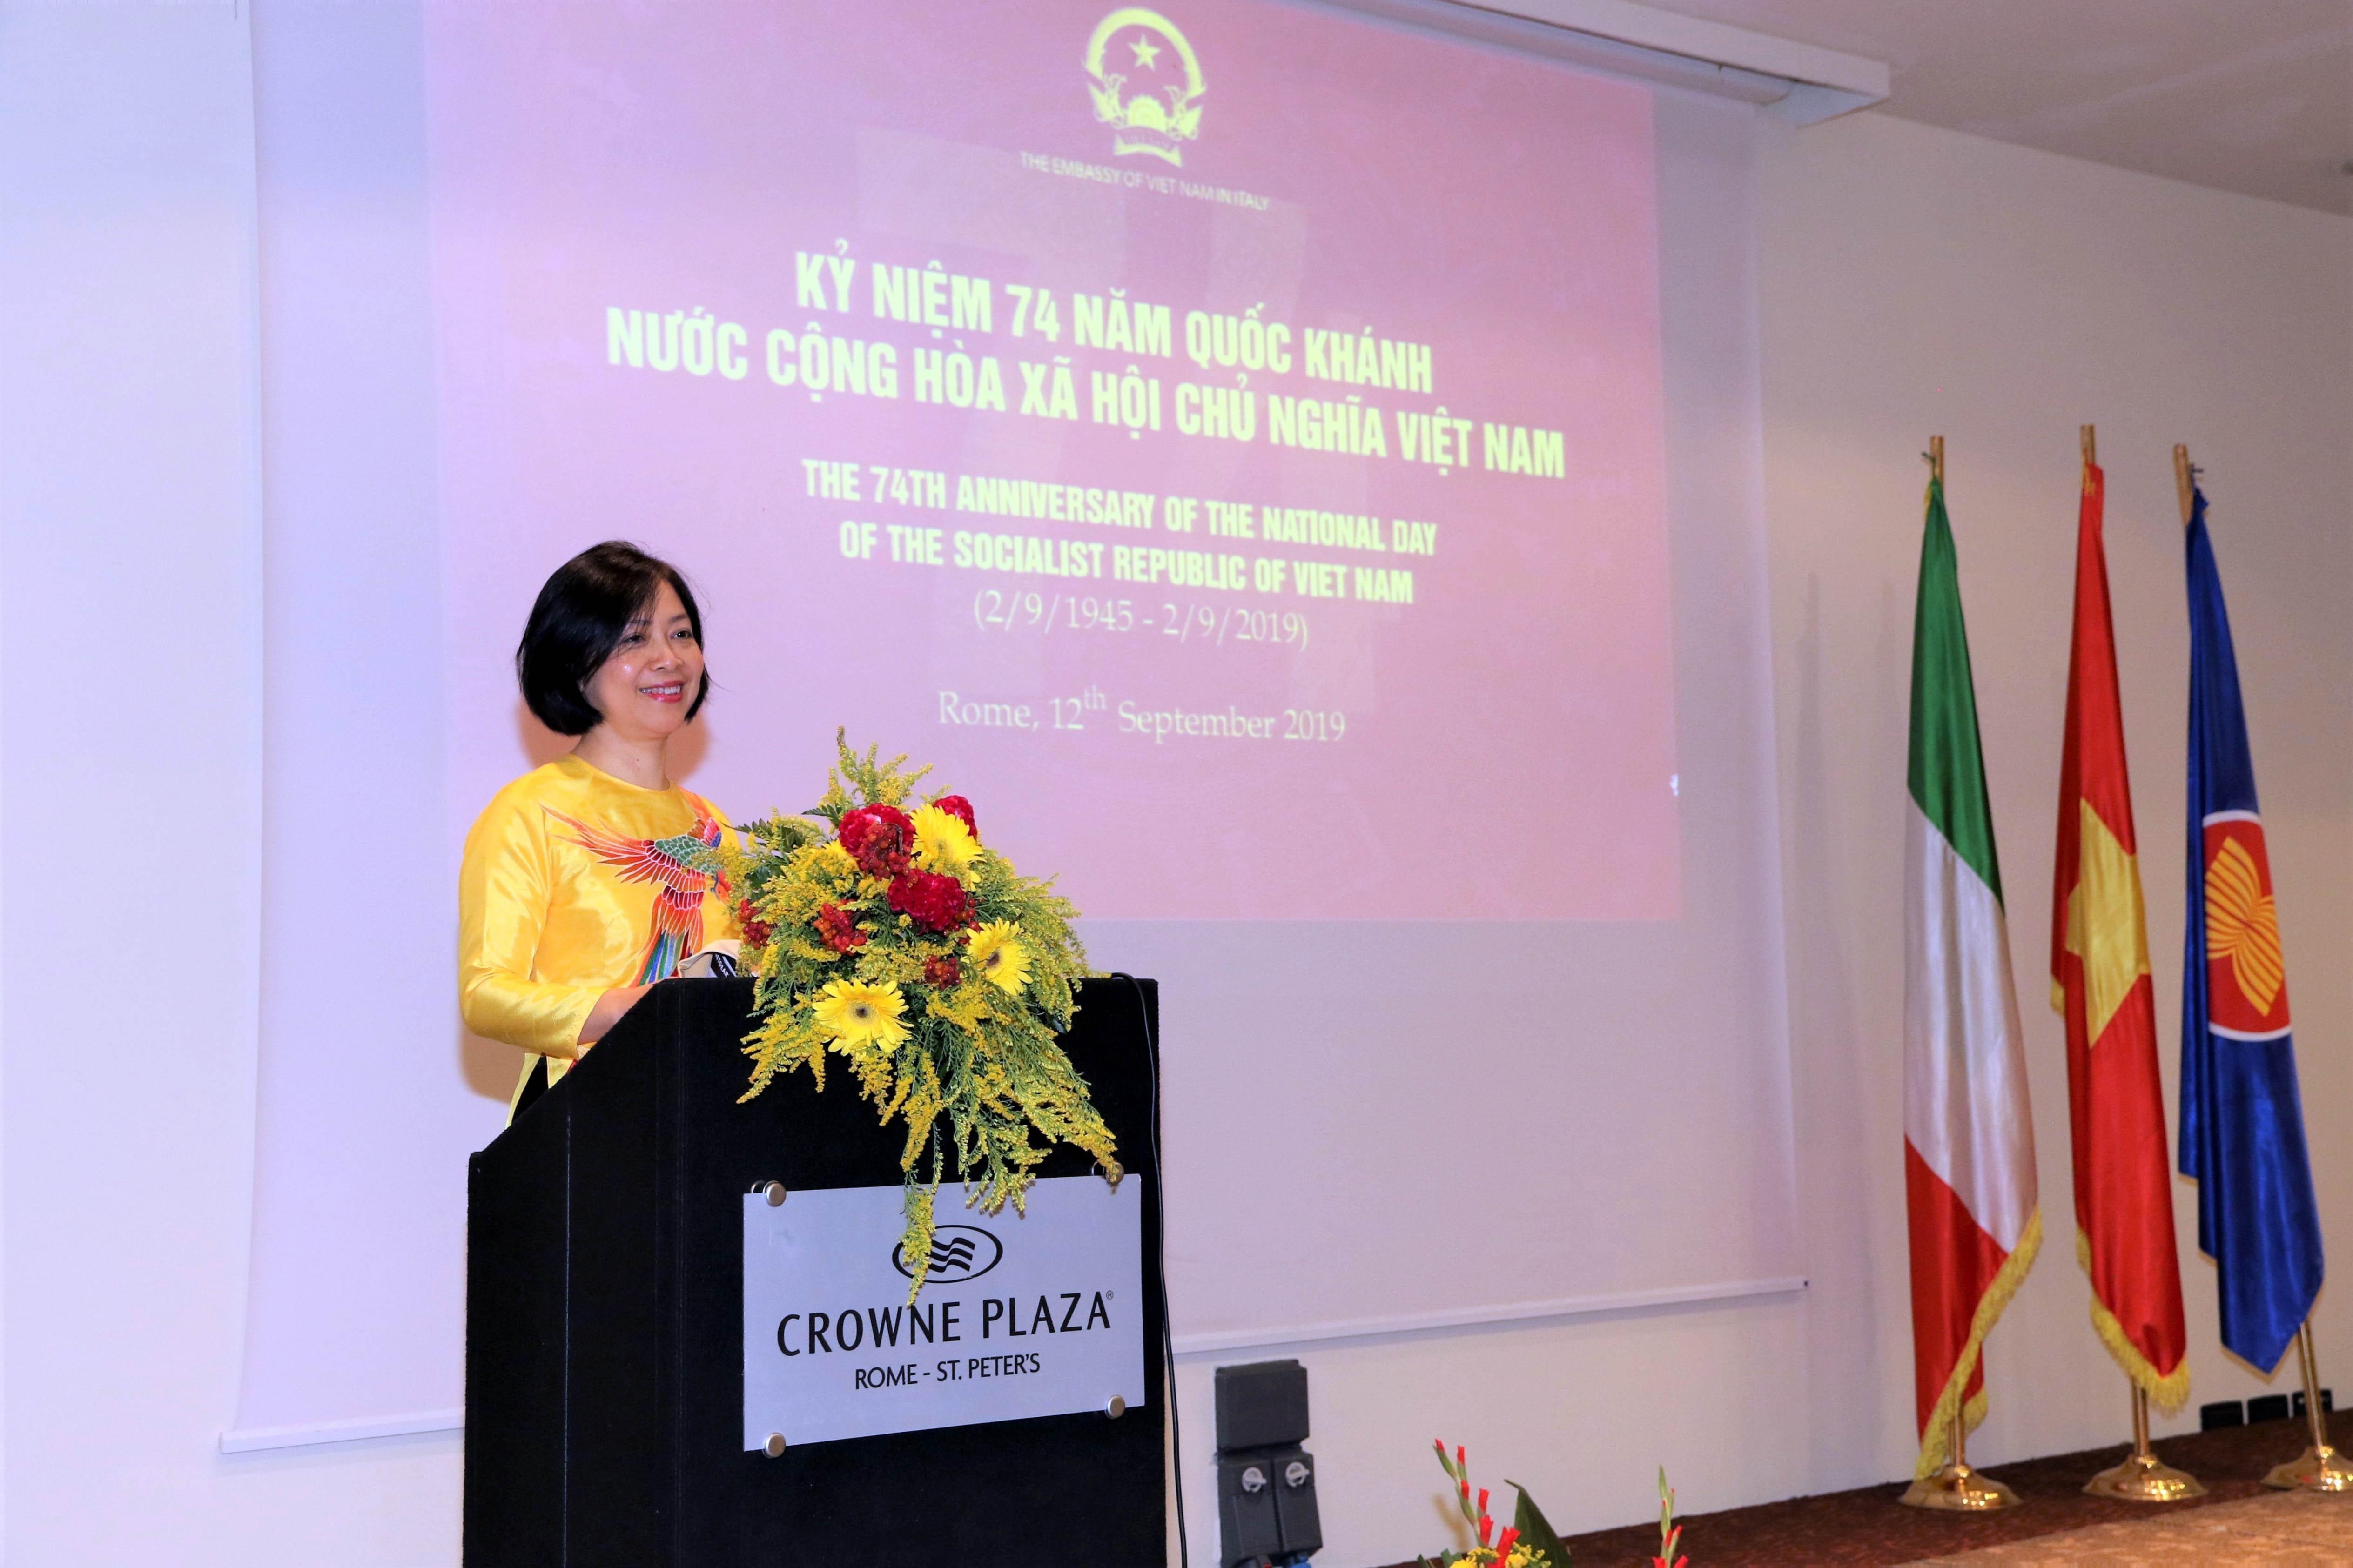 Việt Nam và Italy có thể hợp tác để thúc đẩy chủ nghĩa đa phương